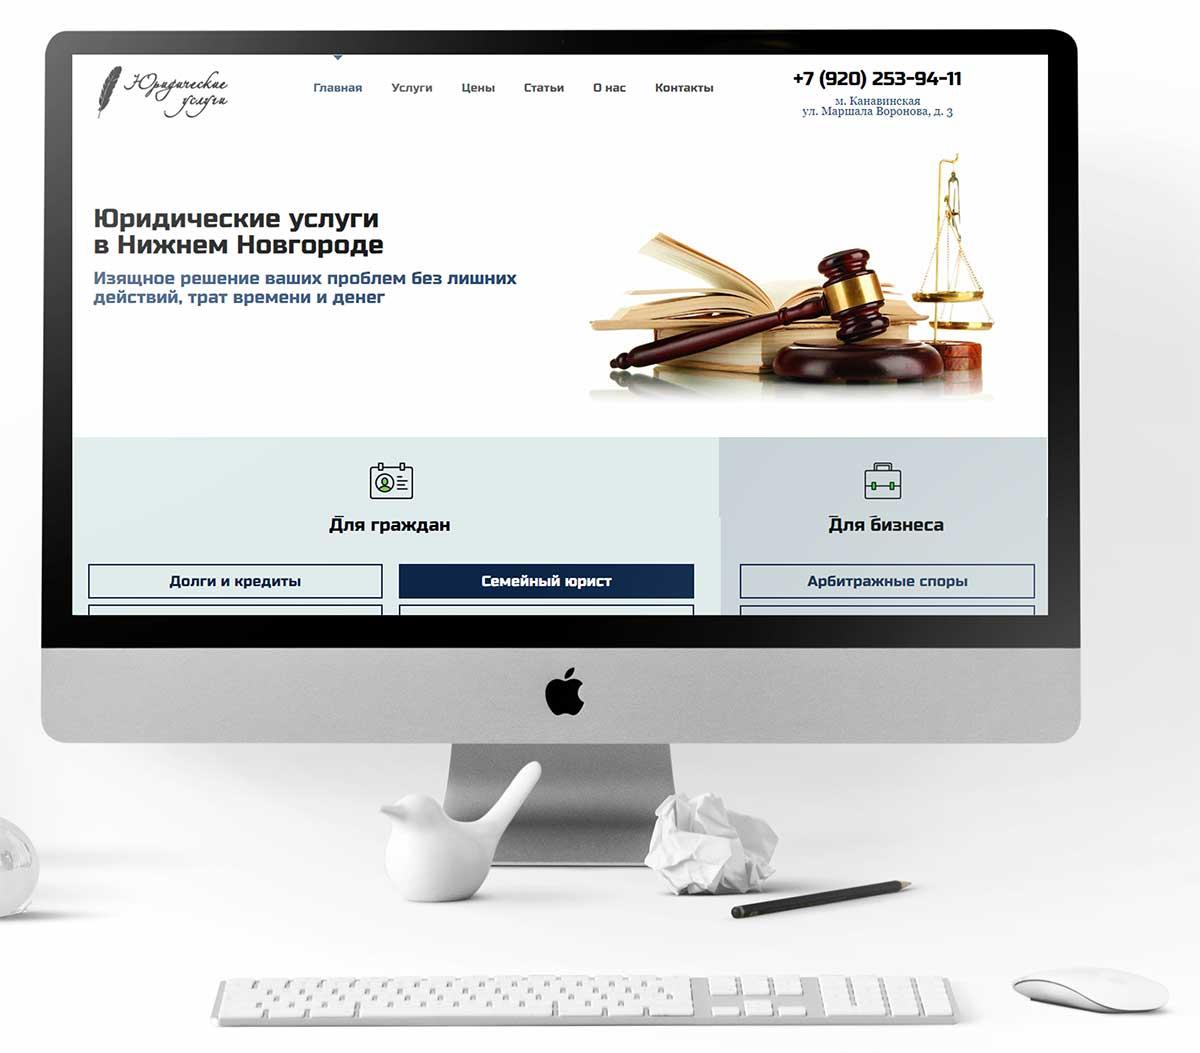 Создание и продвижение регионального сайта для юриста в Нижнем Новгороде